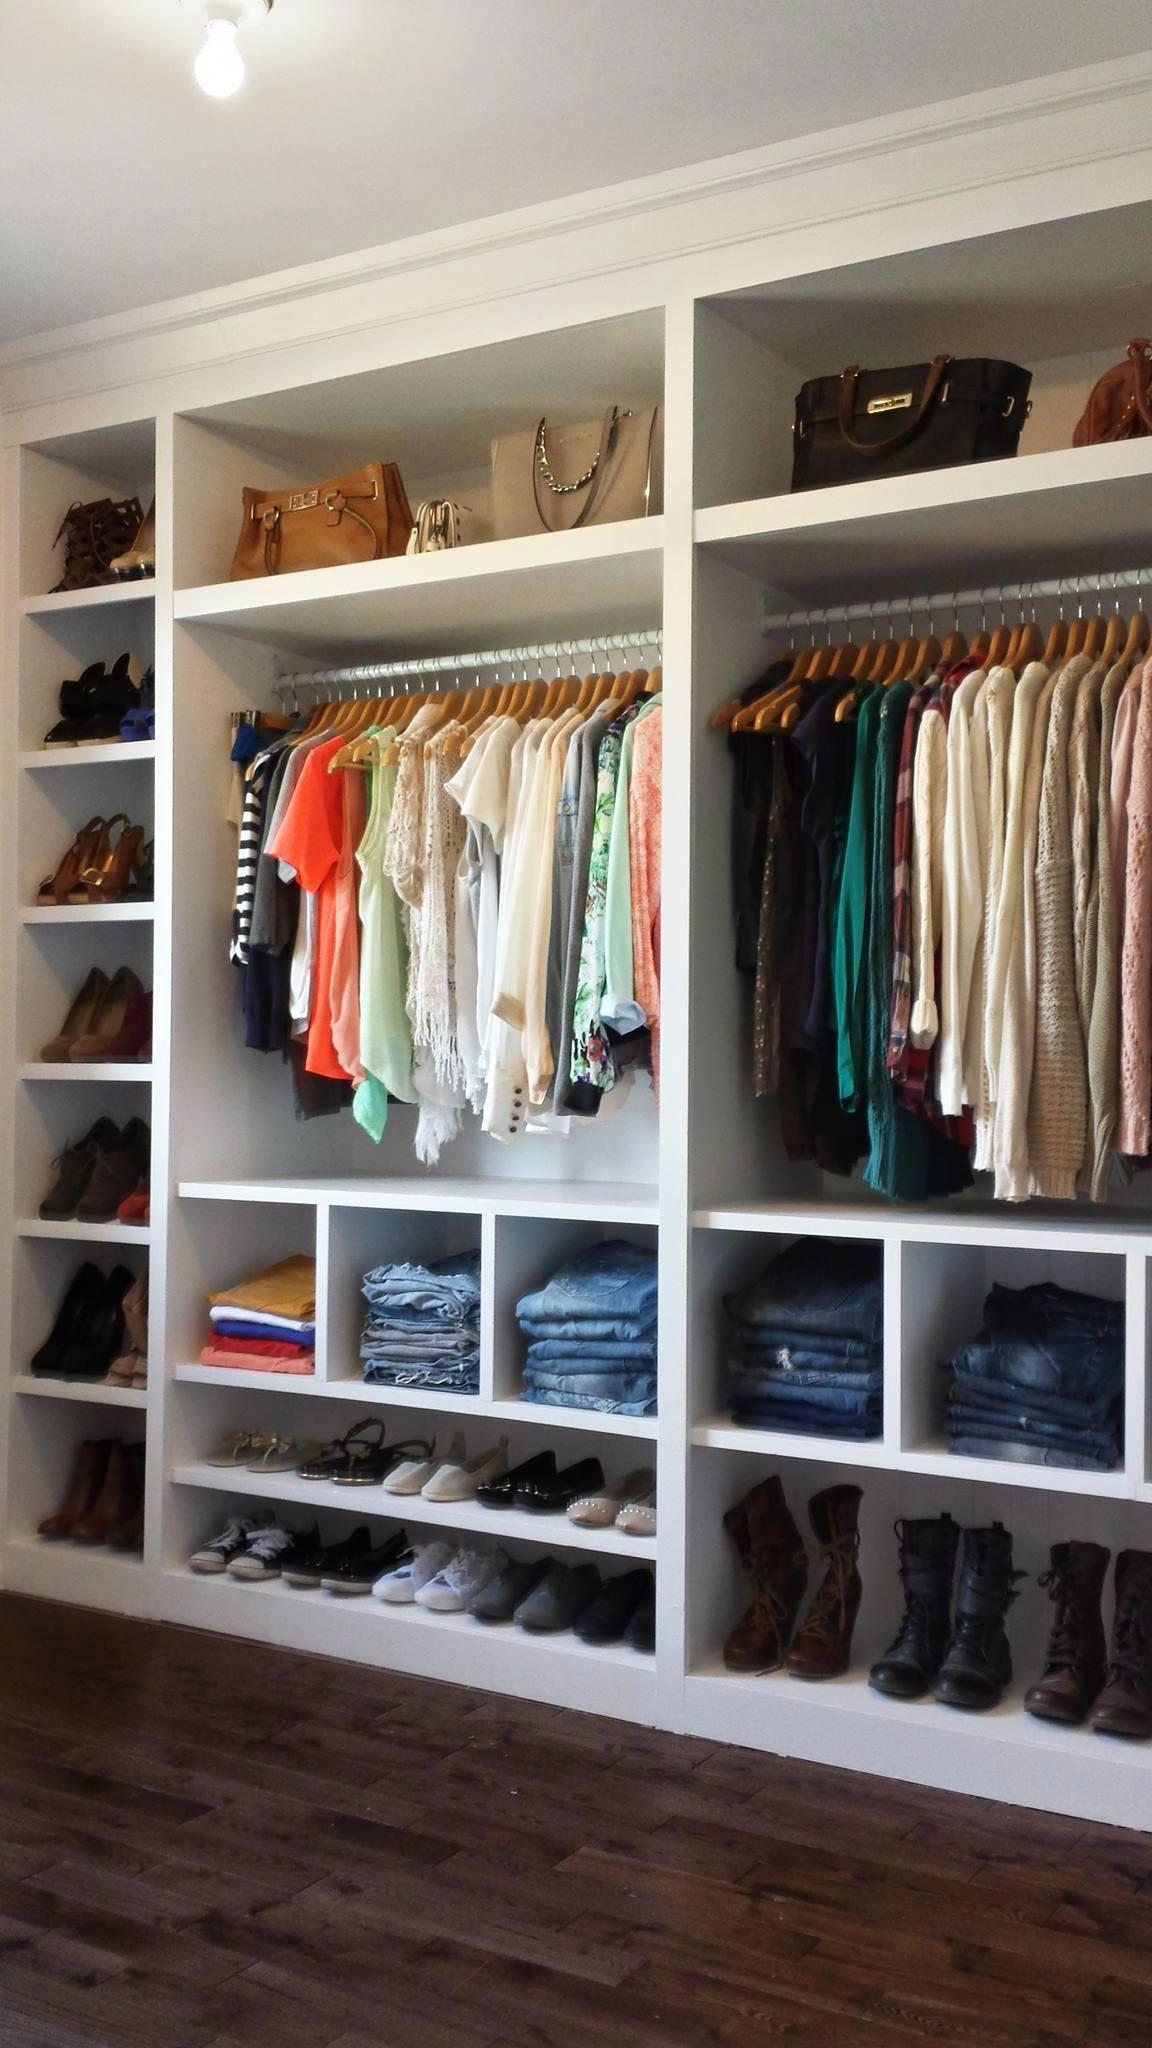 In Love With My New Closet Thanks To My Amazing Boyfriend Schrankentwurf Schrank Umgestalten Diy Kleiderschrank